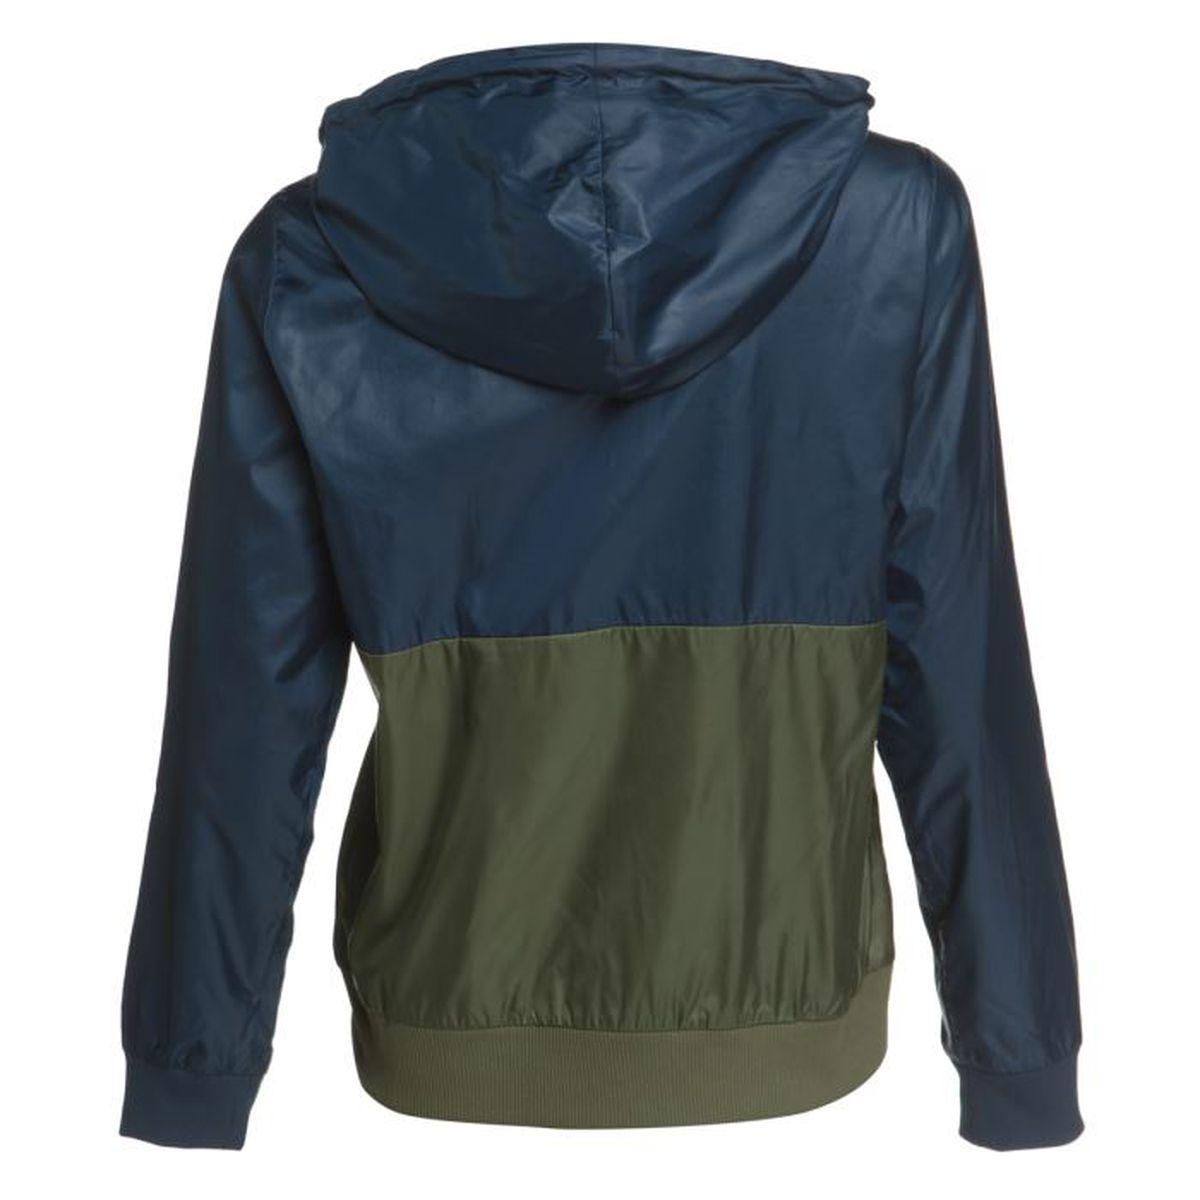 ADIDAS ORIGINALS Veste Zippée Femme Bleu et vert - Achat   Vente veste de  sport - Soldes  dès le 9 janvier ! Cdiscount ffa7df2a5027